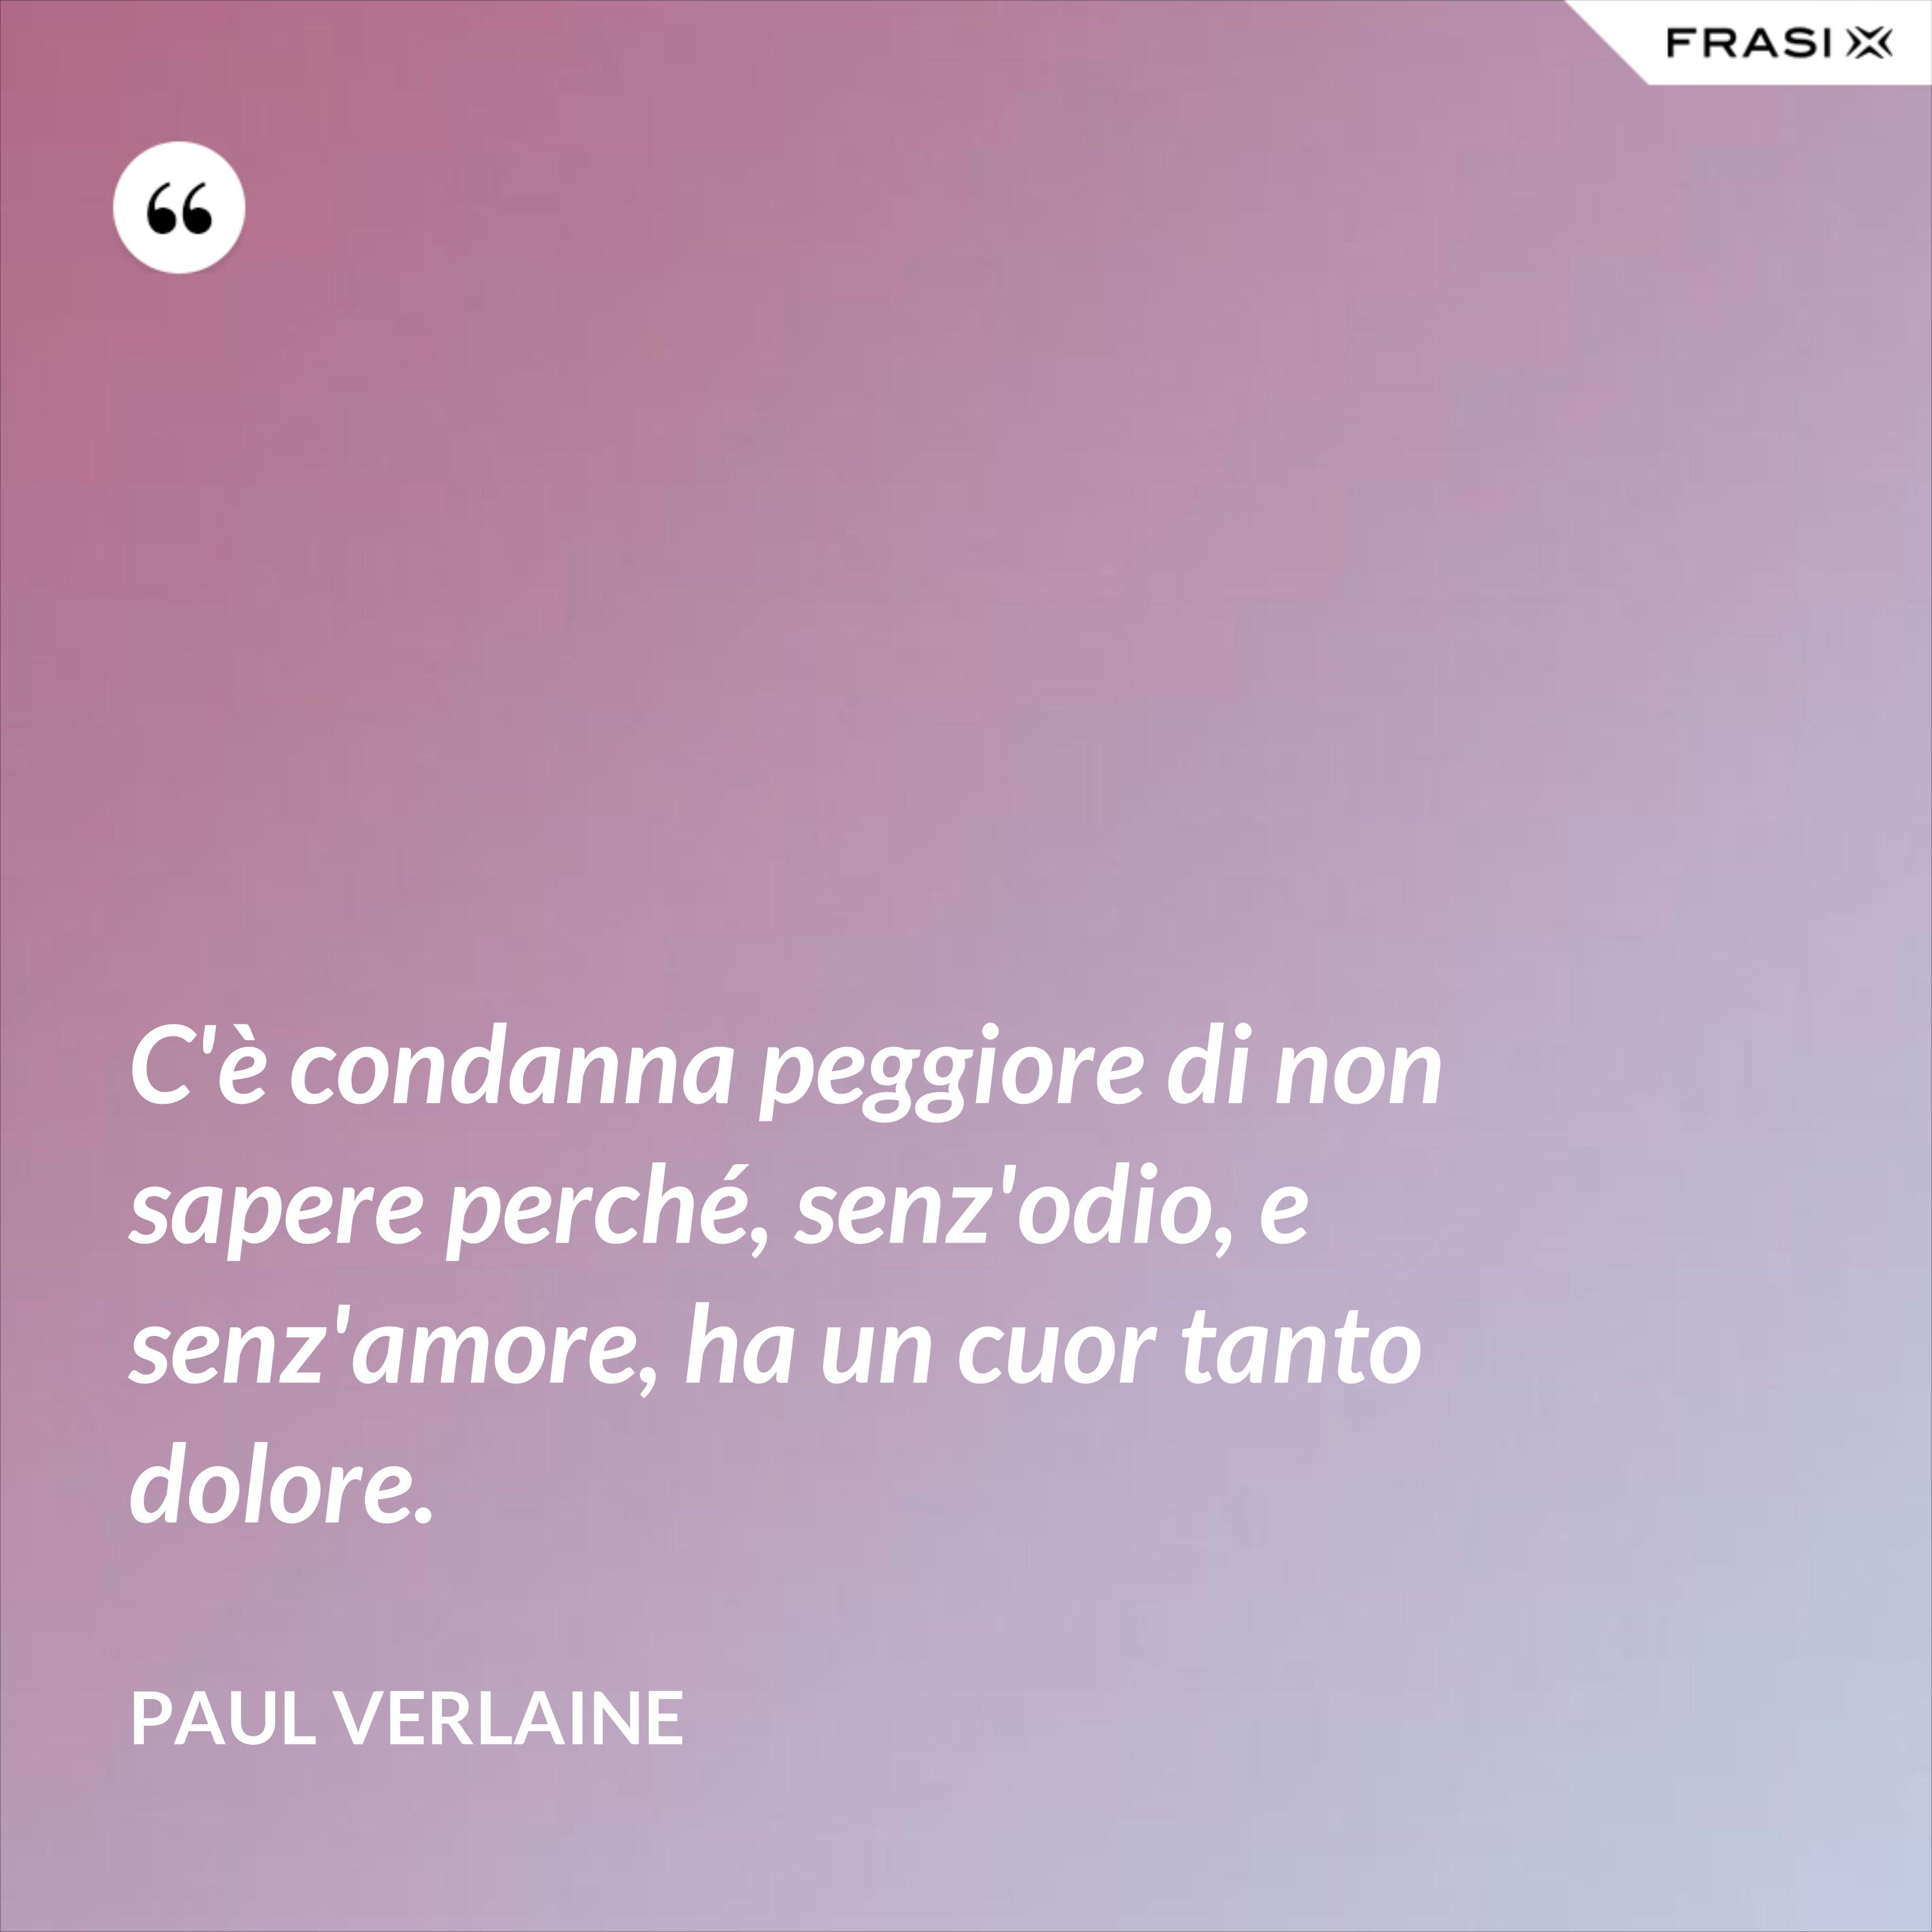 C'è condanna peggiore di non sapere perché, senz'odio, e senz'amore, ha un cuor tanto dolore. - Paul Verlaine